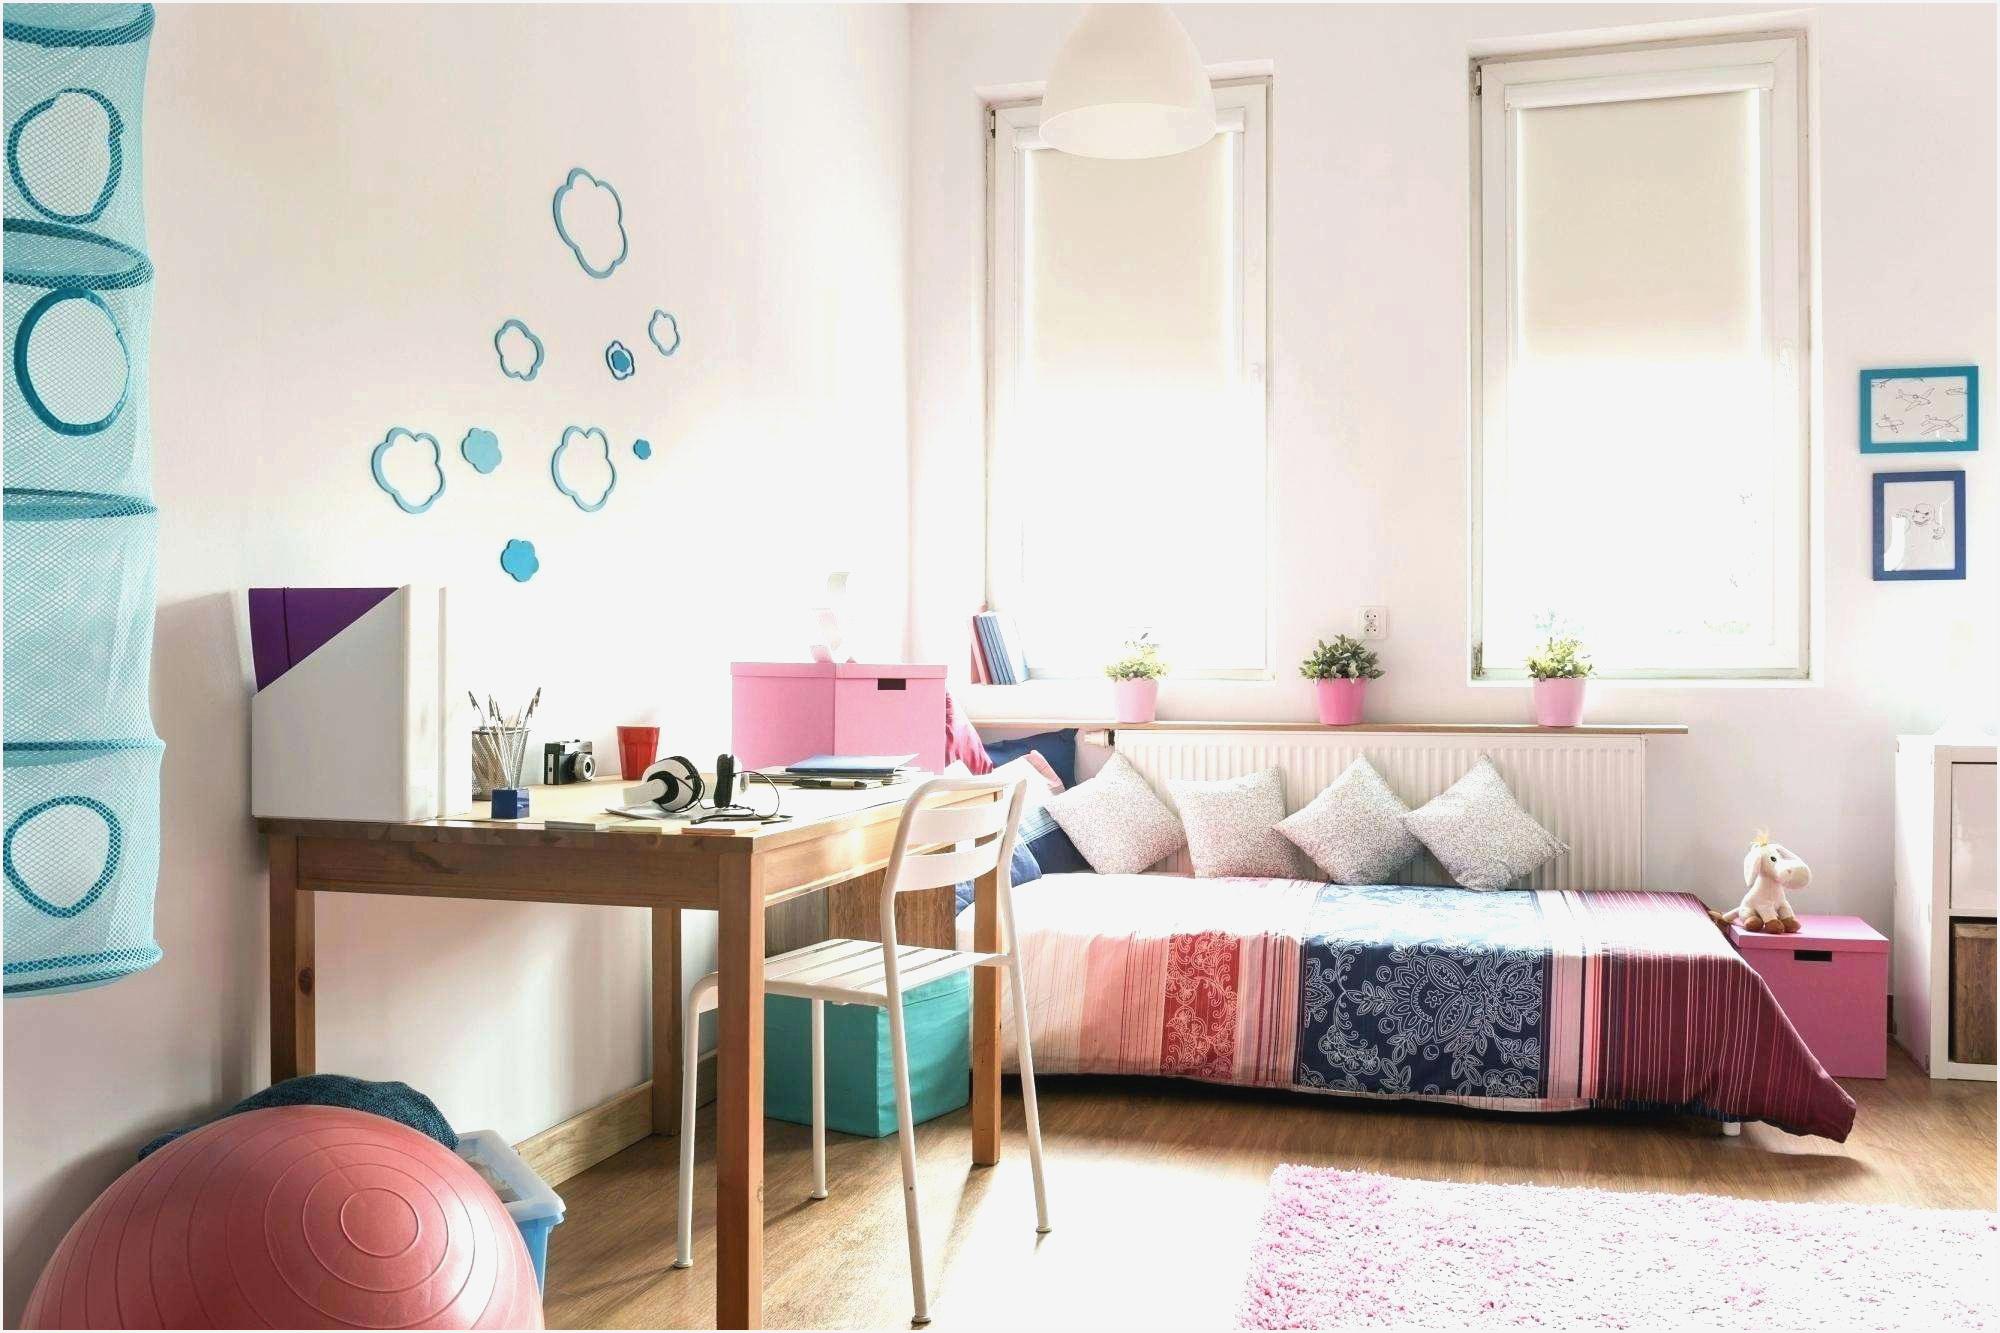 Full Size of Deckenleuchten Schlafzimmer Designer Romantisch Obi Ebay Amazon Design Ikea Led Modern Moderne Poster Bilder Traumhaus Dekoration Wandlampe Kommode Komplett Schlafzimmer Deckenleuchten Schlafzimmer